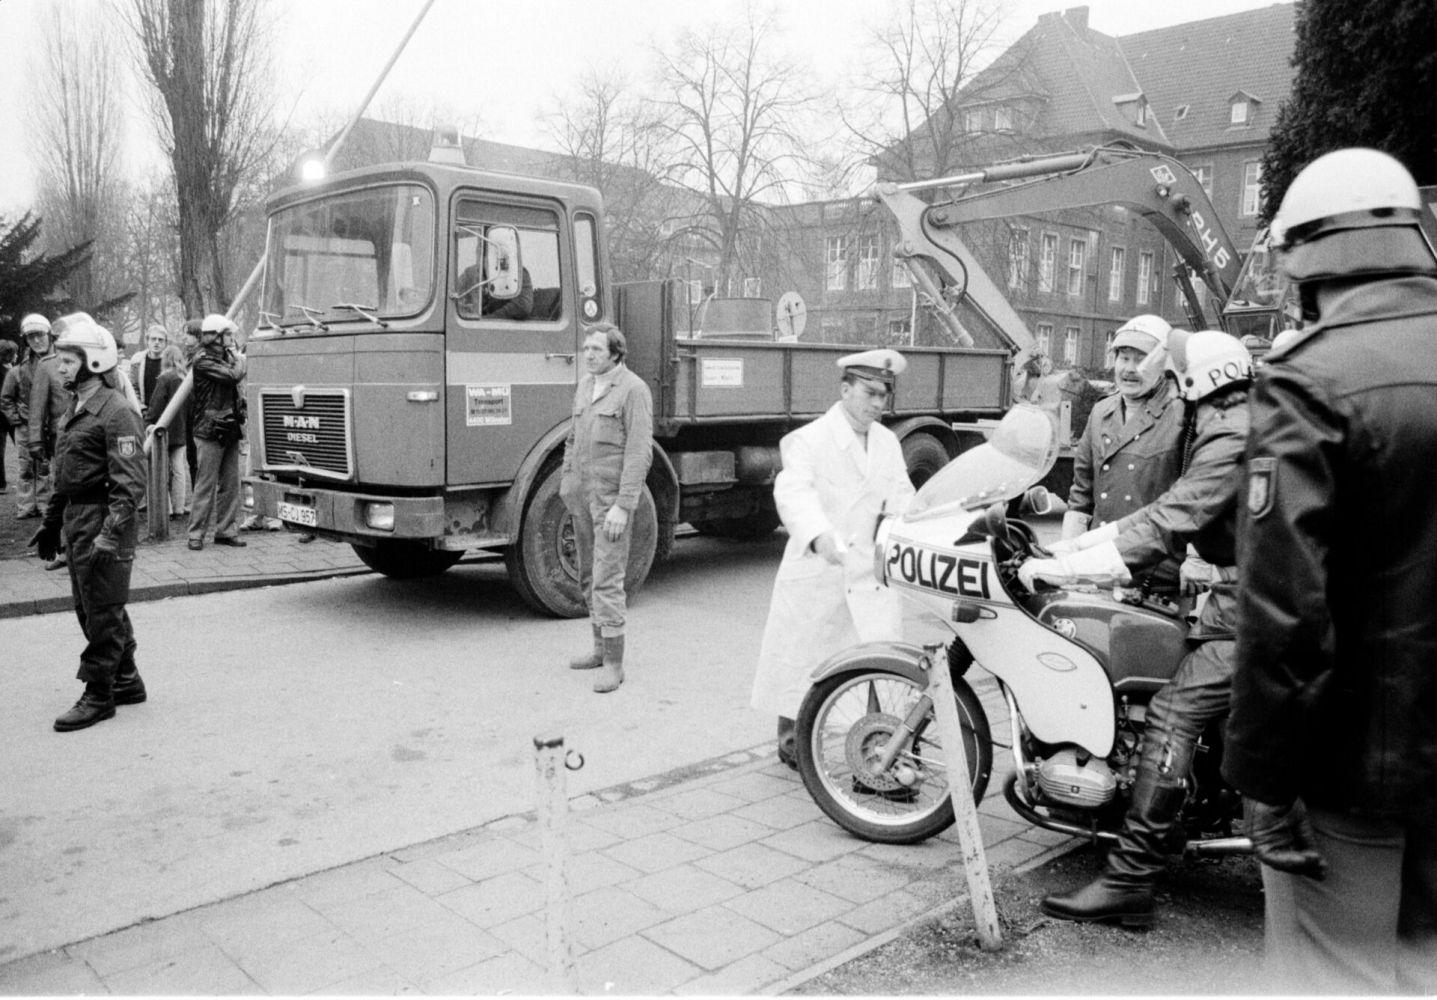 Im Februar 1980 wird in der Sertürnerstraße ein besetztes Haus geräumt und sofort abgerissen. (Foto: Archiv Pressestelle FH Münster)